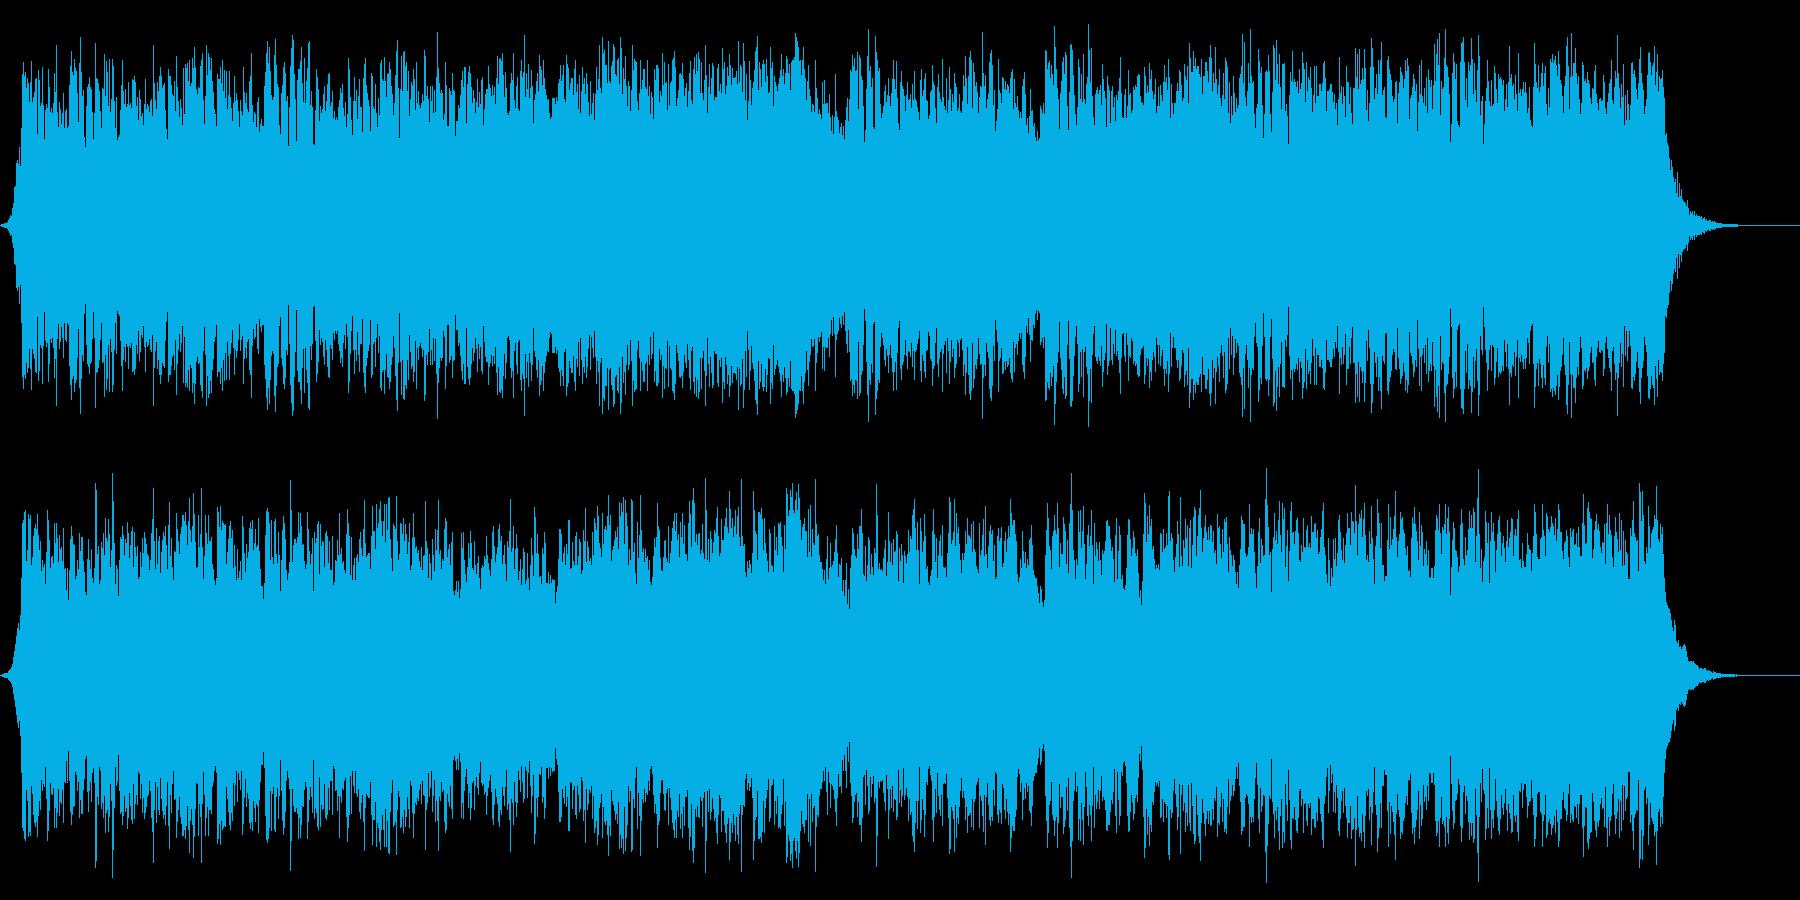 勝利を叫ぶハリウッド系オーケストラの再生済みの波形